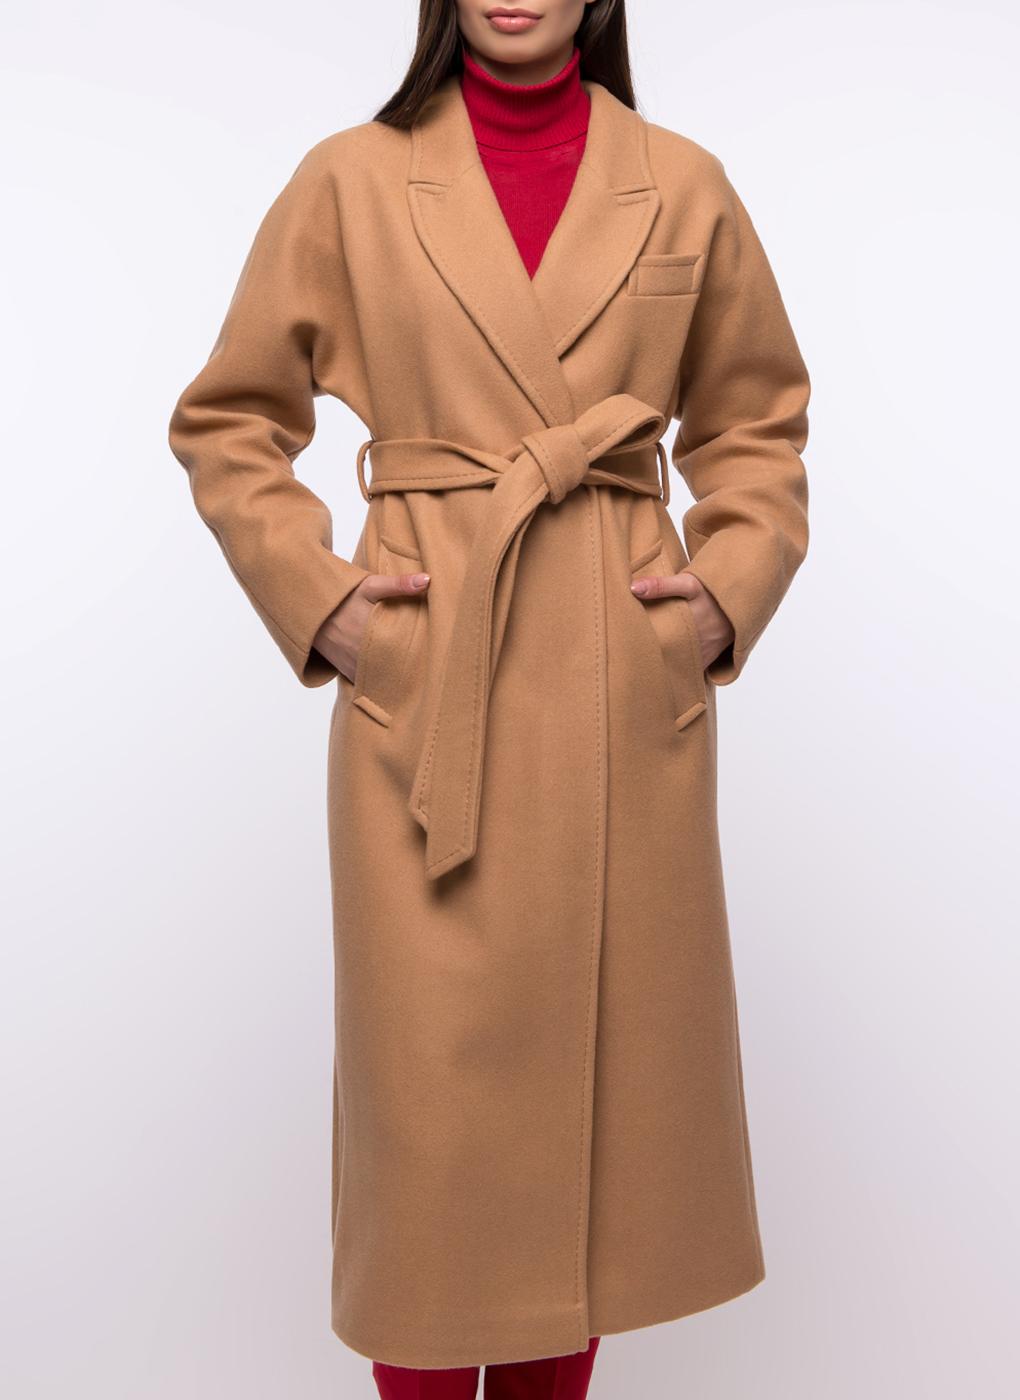 Пальто прямое полушерстяное 30, Заря Моды фото